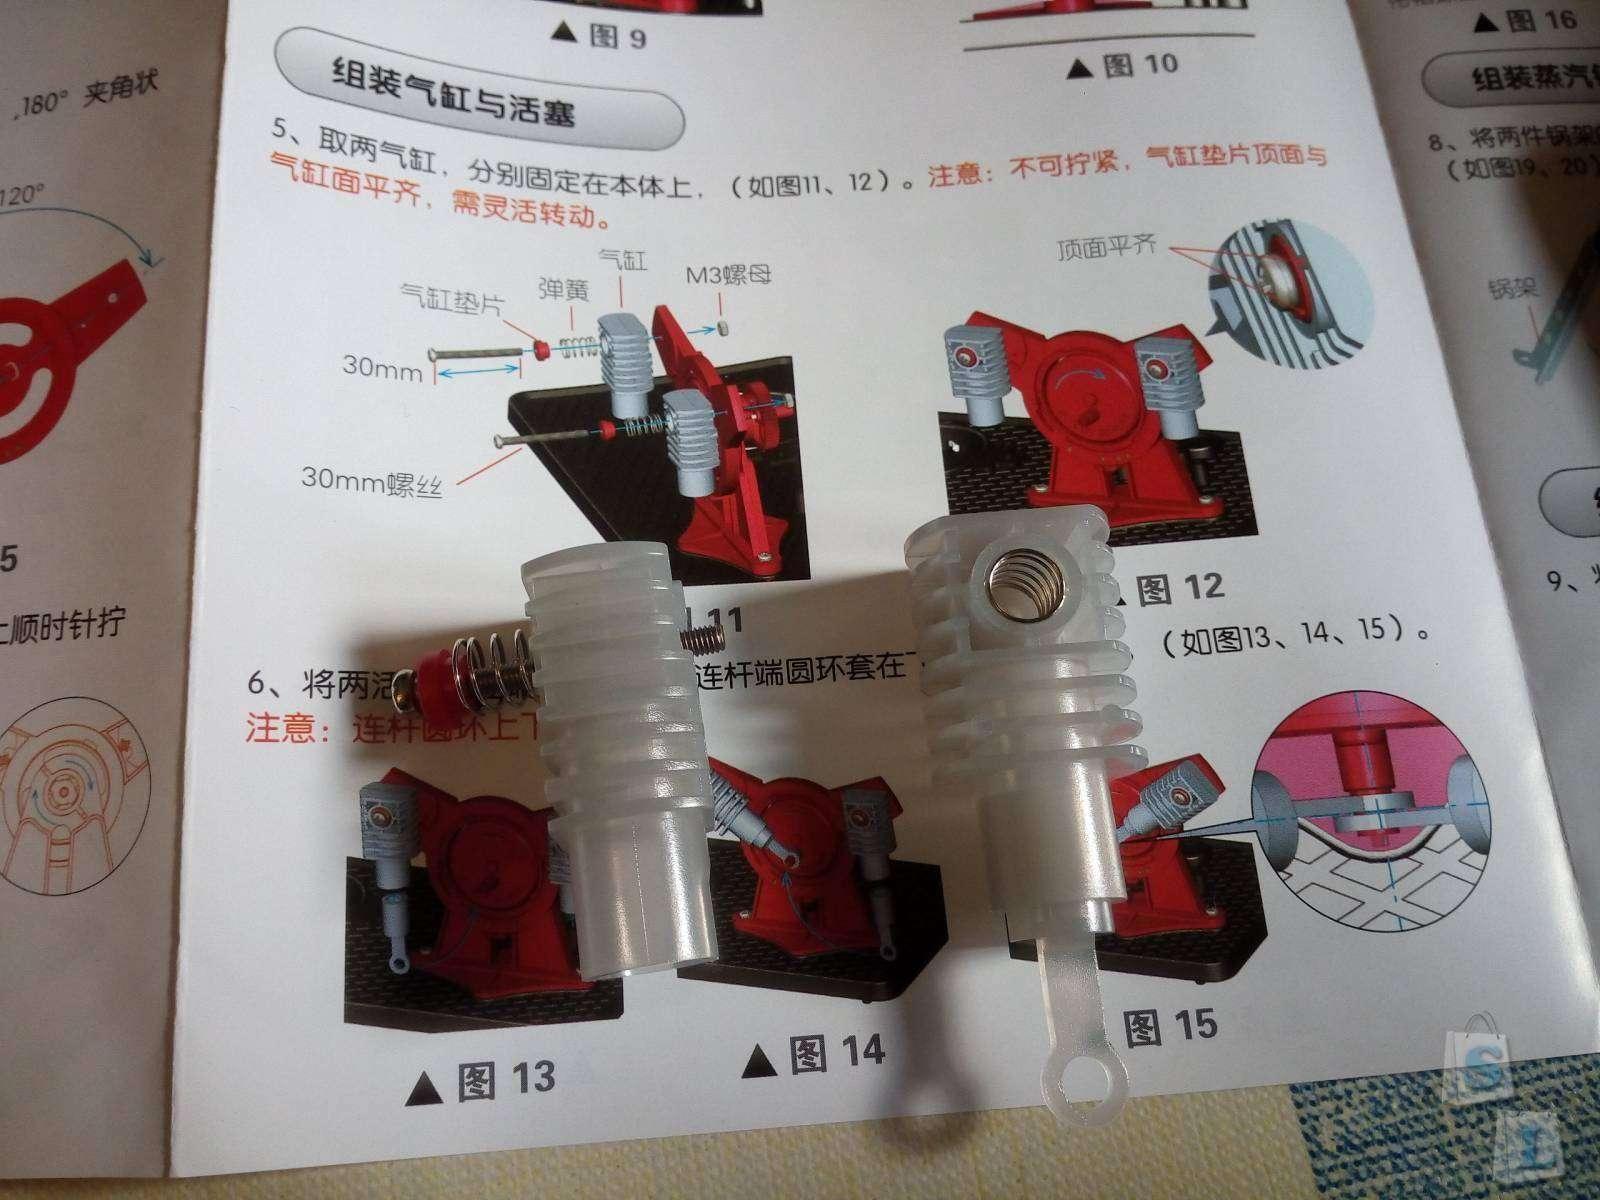 Banggood: Паровой двигатель, отлично работающая модель